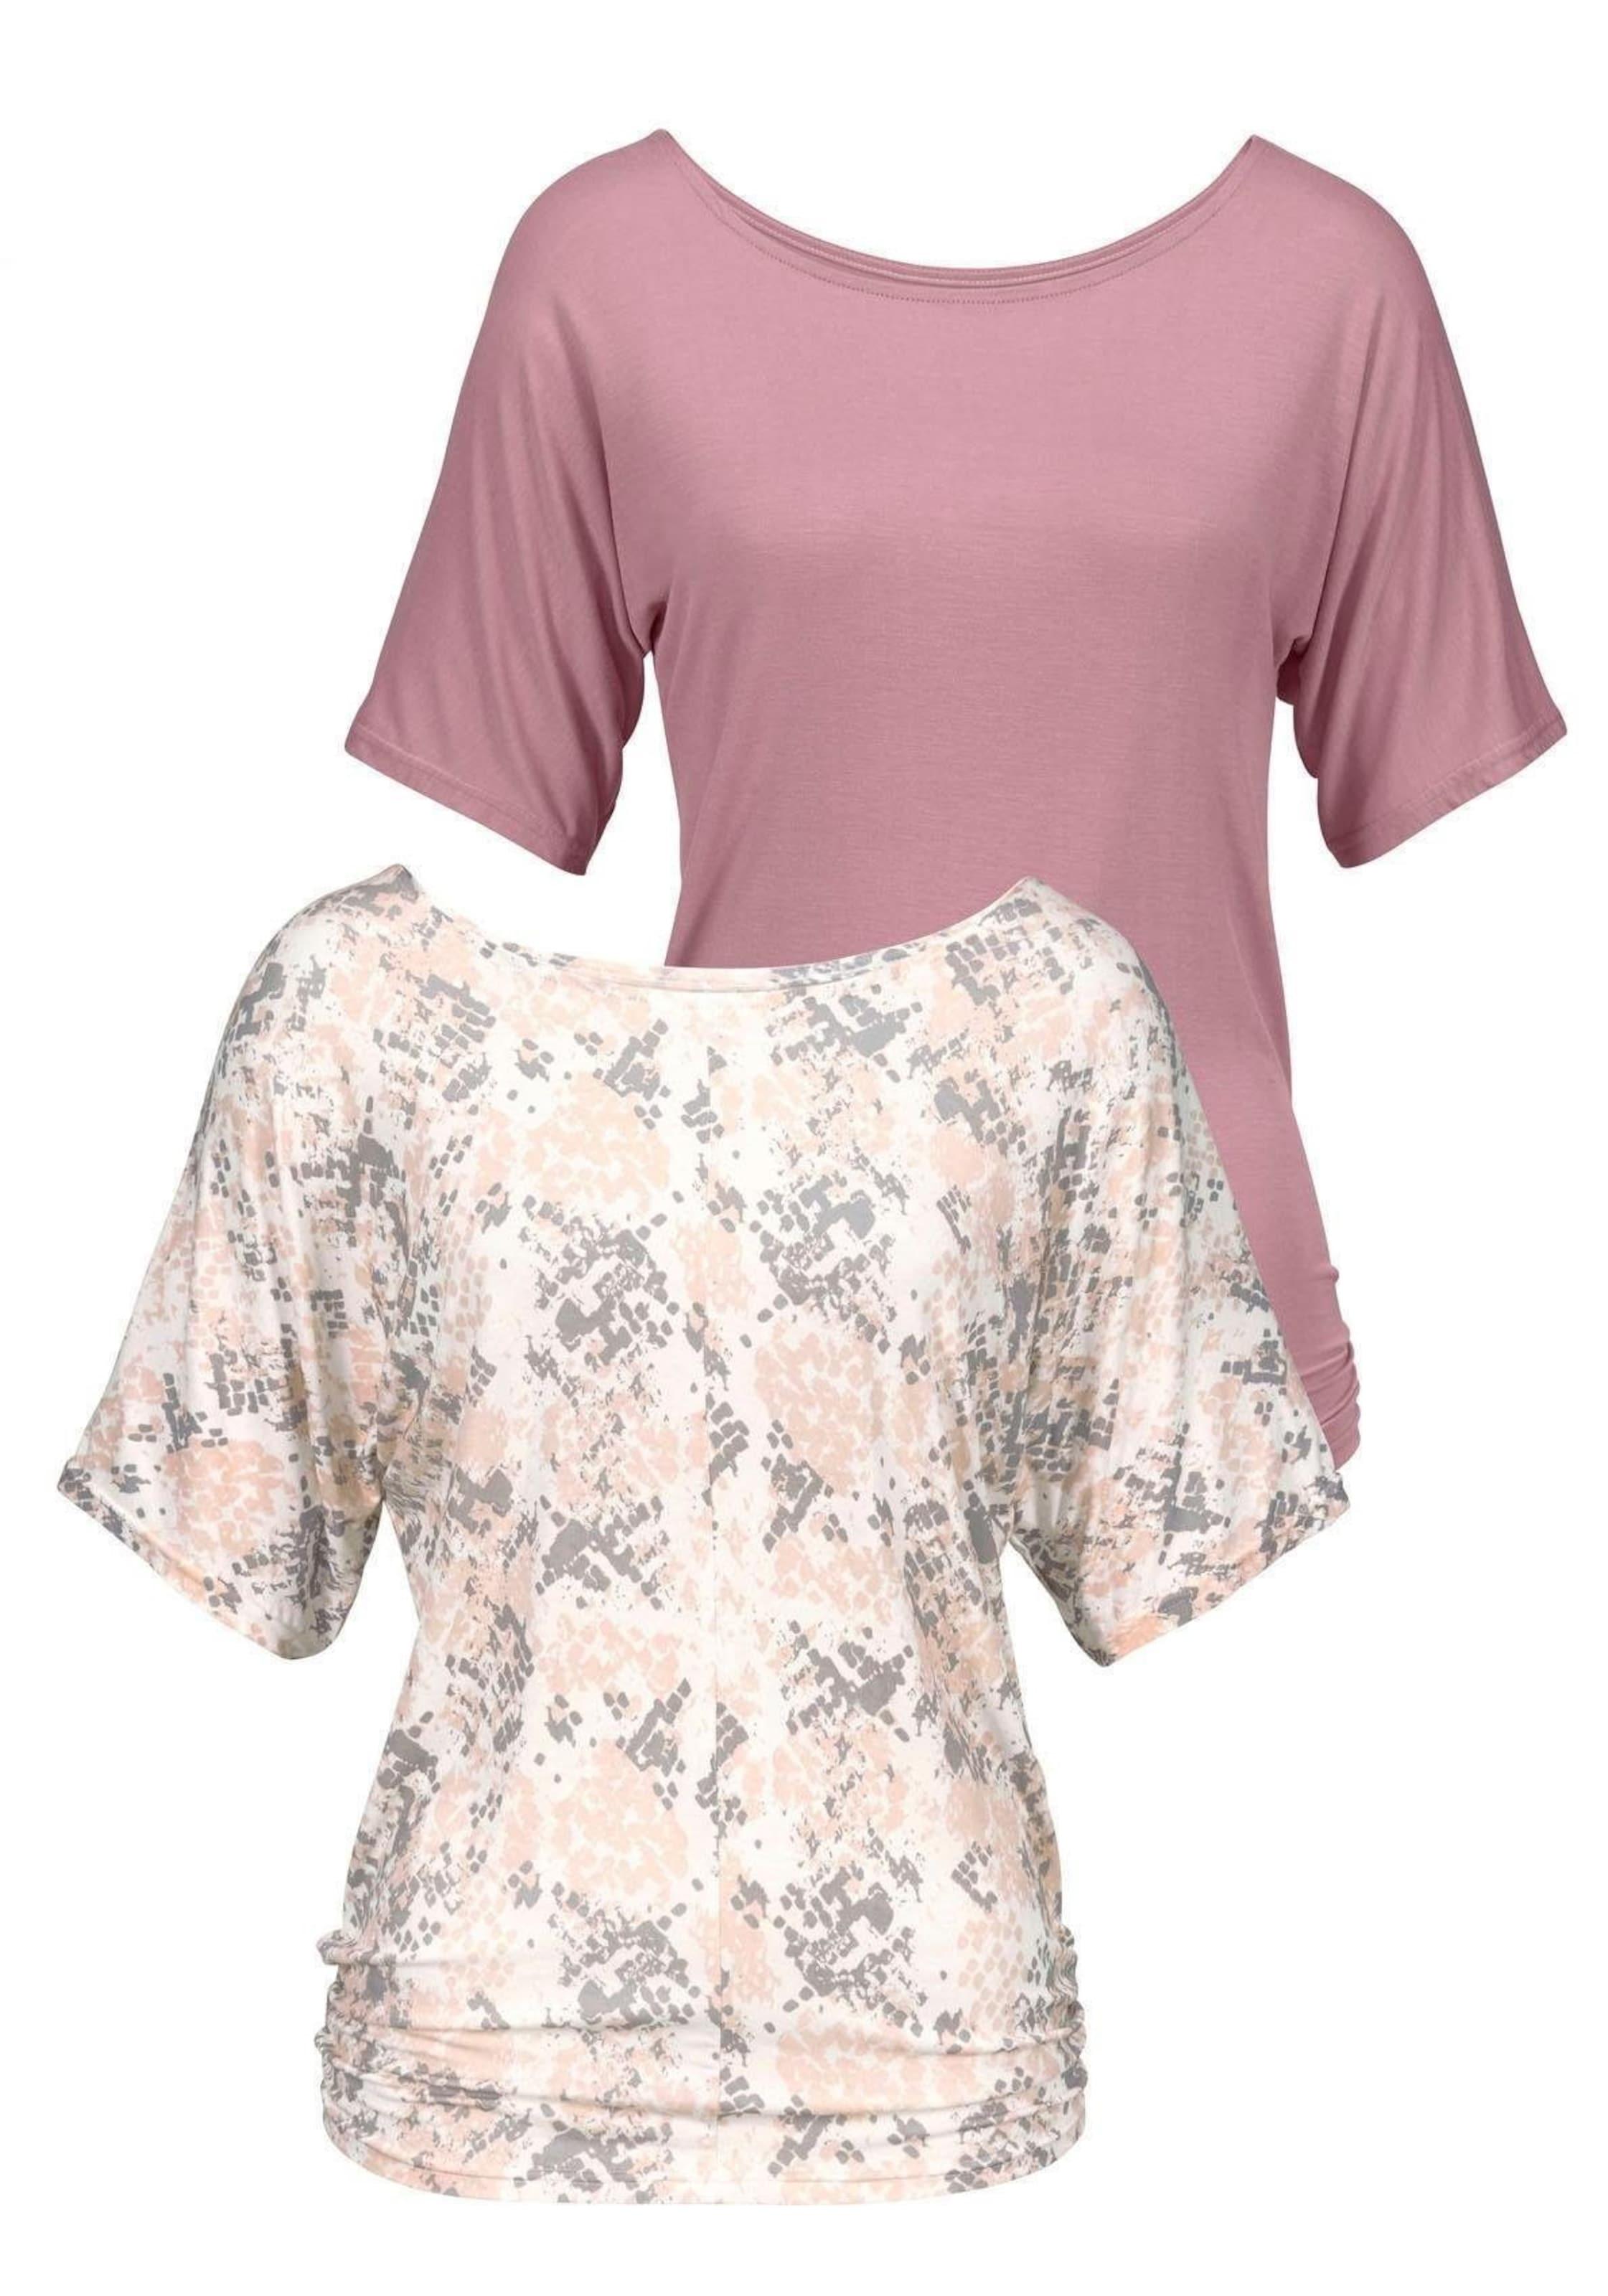 Lascana Rosé Shirts Shirts Lascana In pzVUMS